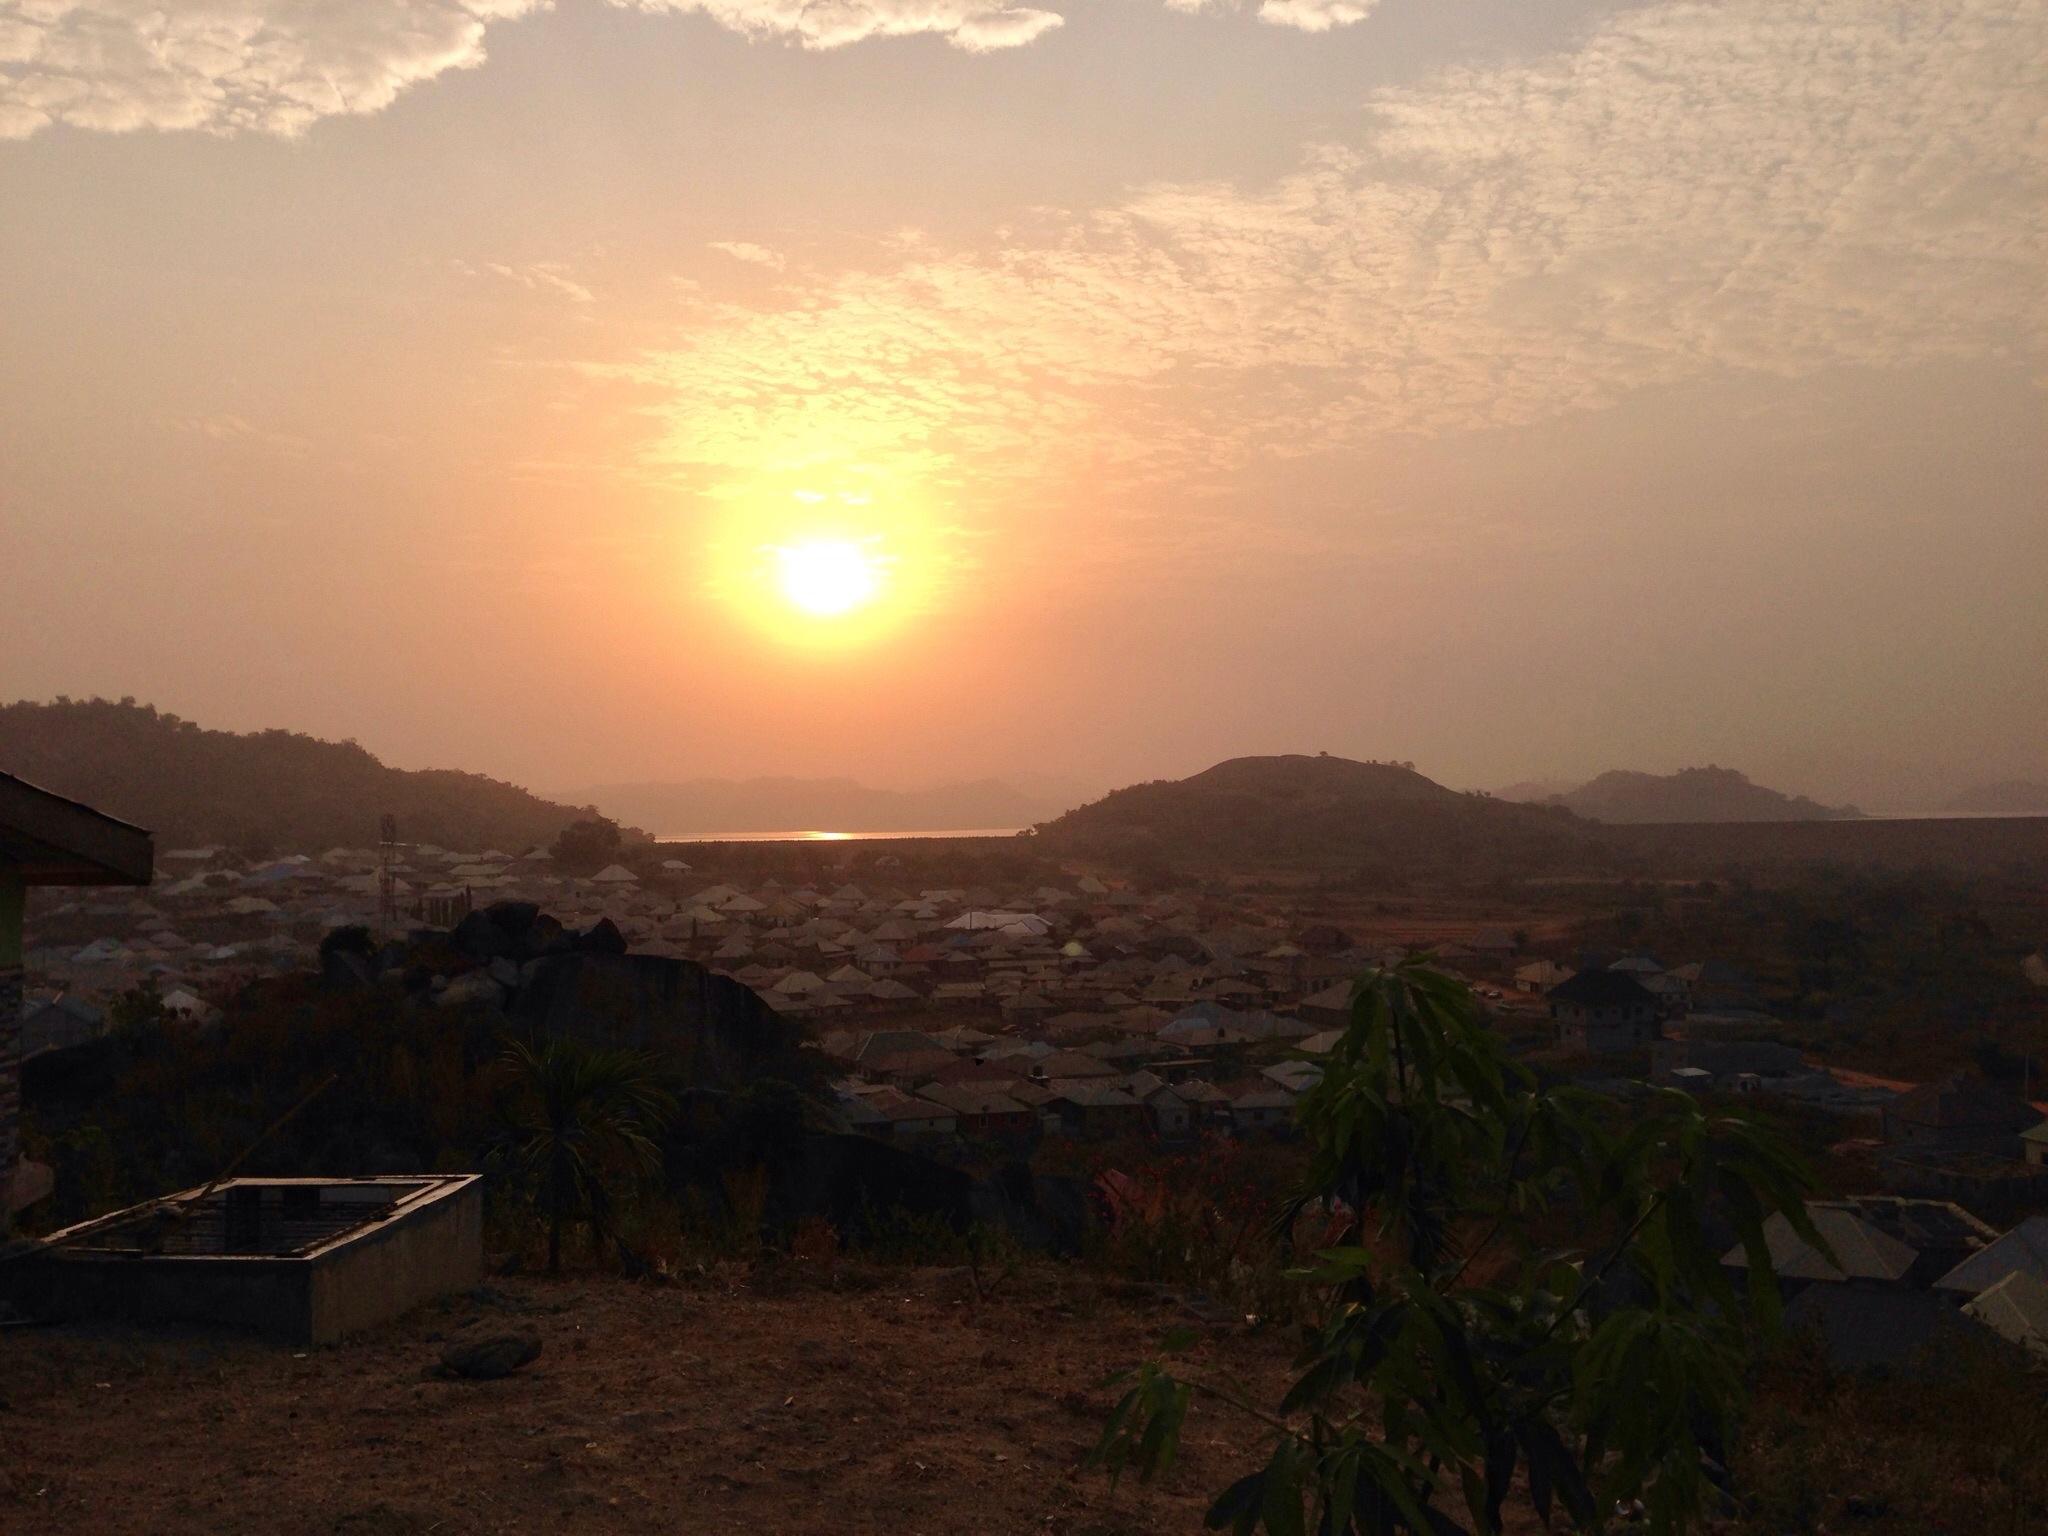 Sunrise on Usuma Dam, Ushafa, FCT, Abuja, Nigeria. #JujuFilms